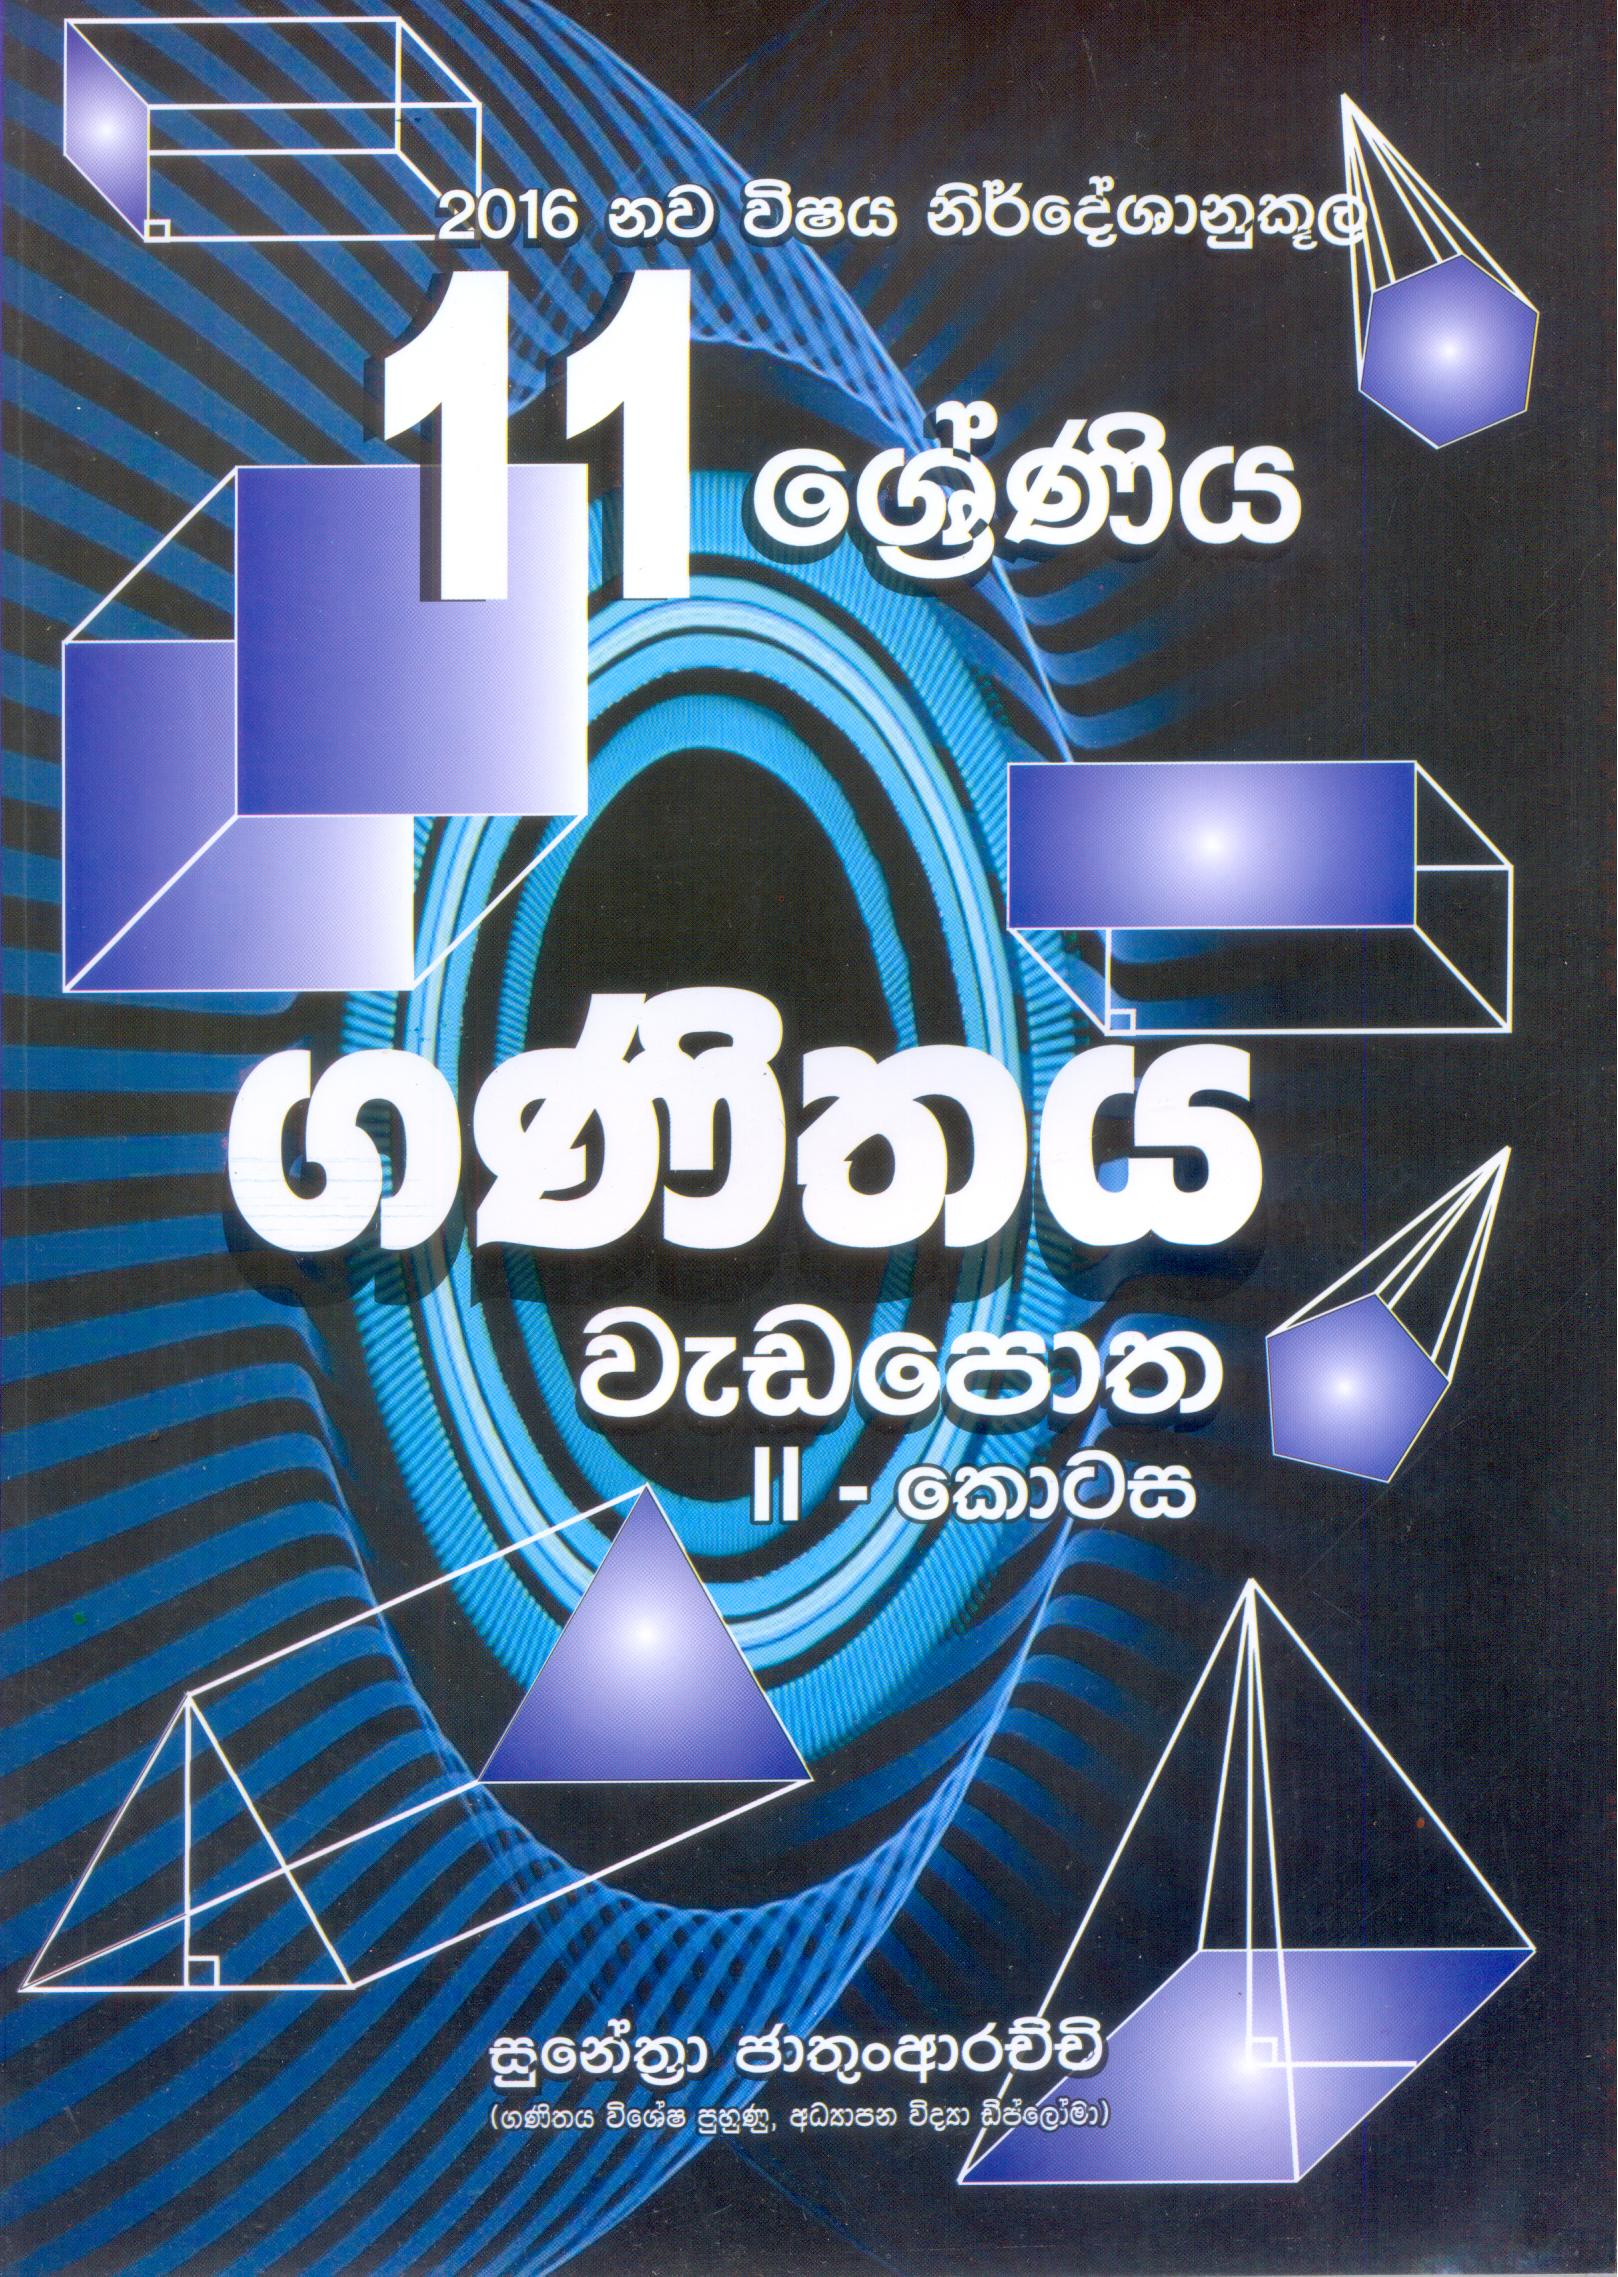 2016 Nawa Vishaya Nirdeshanukoola 11 Shreniya Ganithaya Wadapotha : II - Kotasa